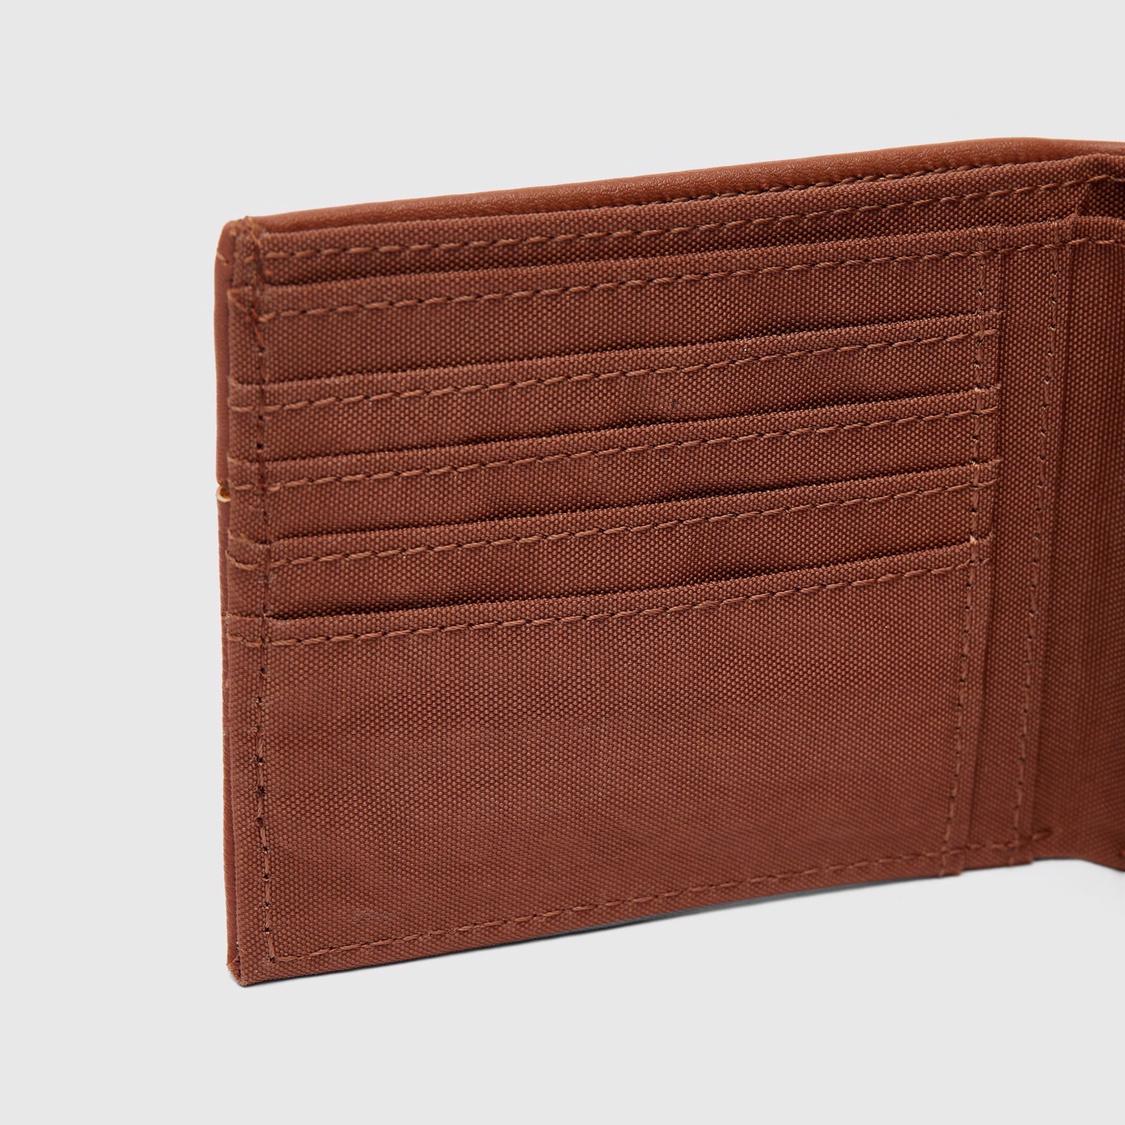 محفظة سادة بطيّة مزدوجة بتفاصيل مثقّبة وسحّاب إغلاق